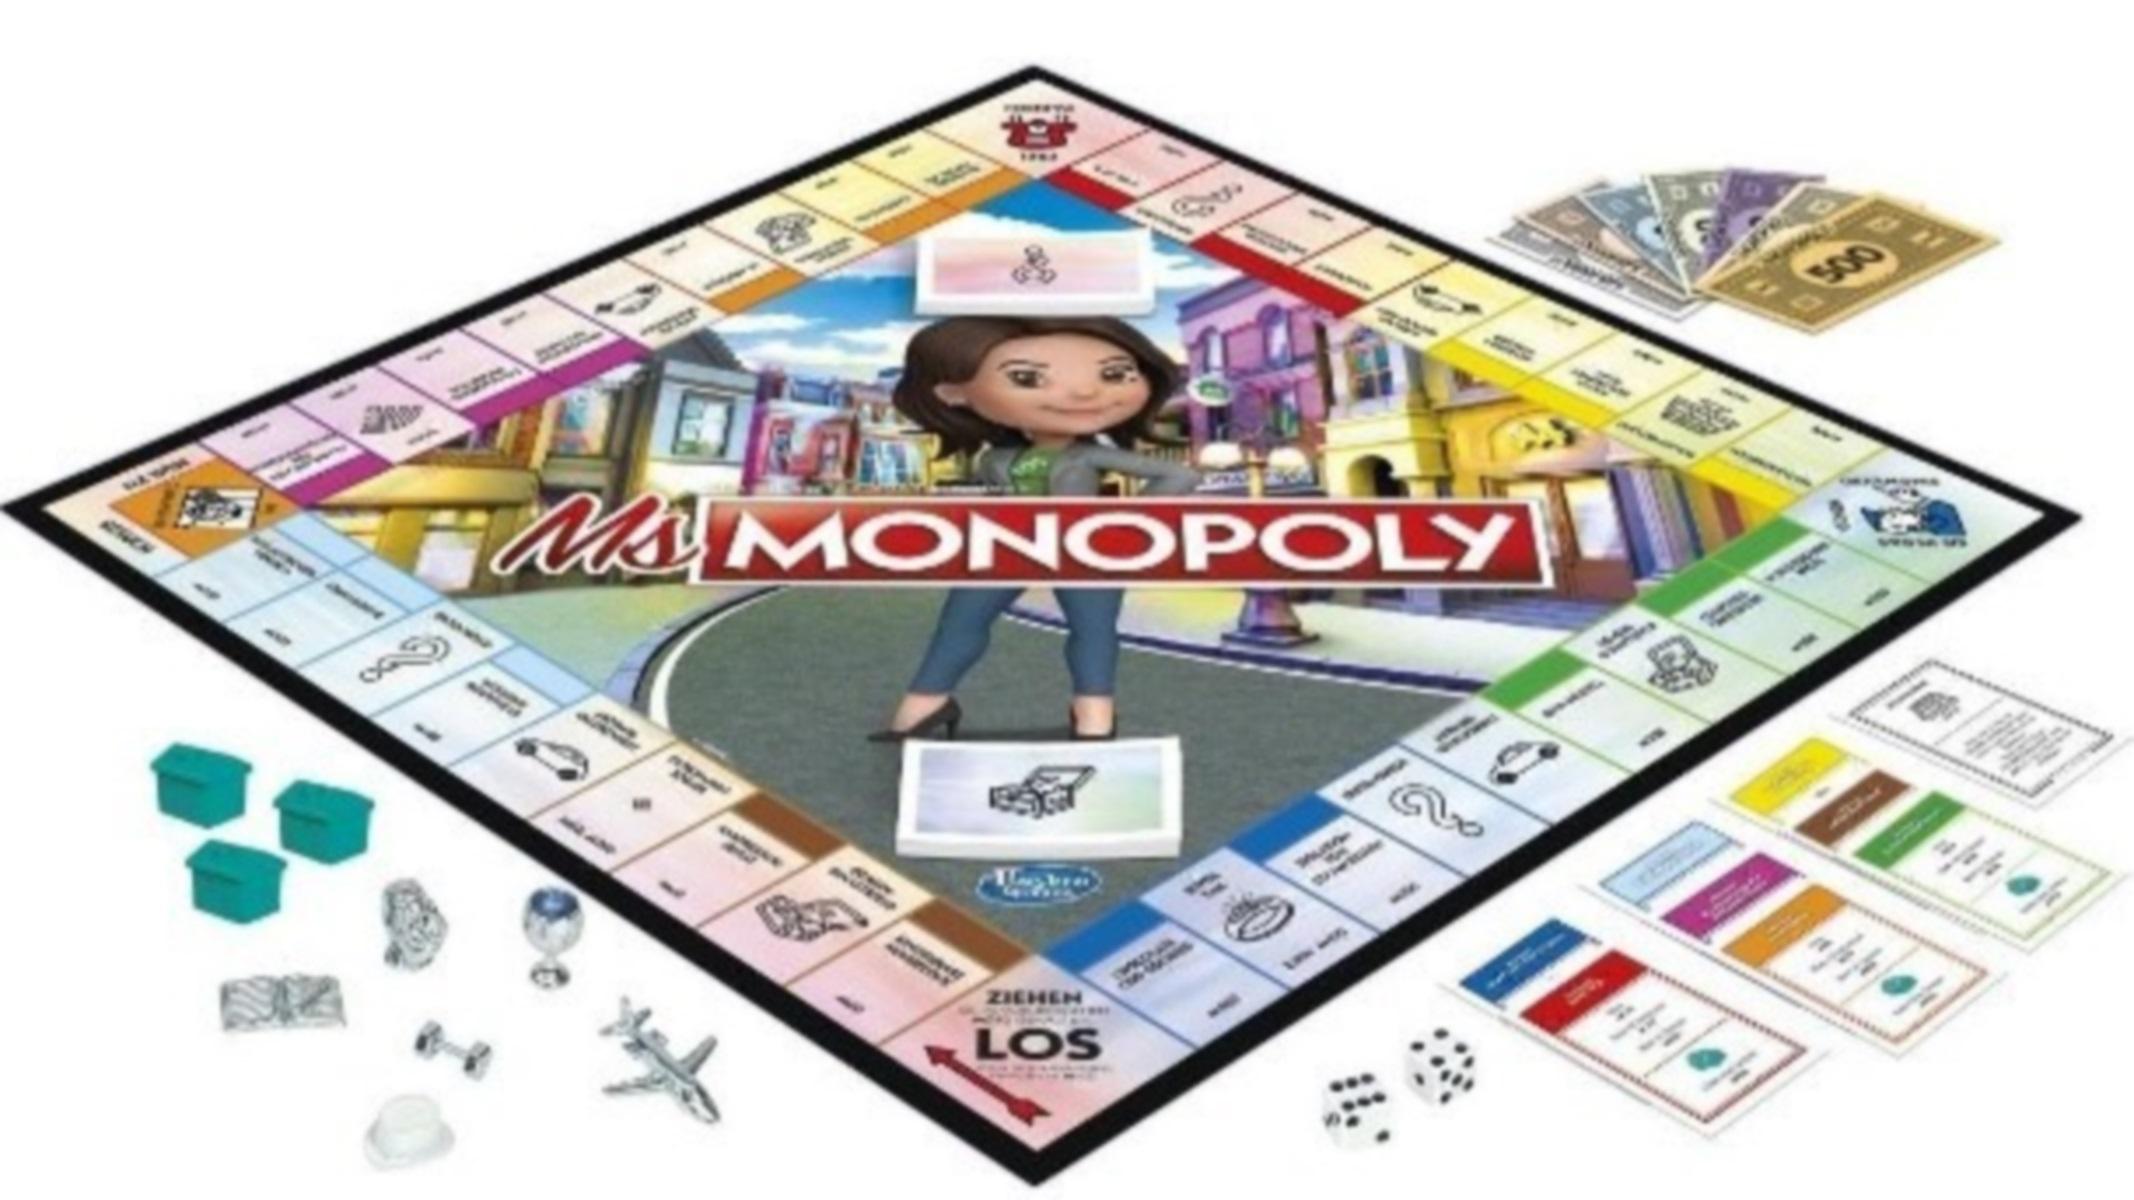 """Στην """"Κυρία Monopoly""""οι γυναίκες κερδίζουν περισσότερα χρήματα από τους άνδρες"""